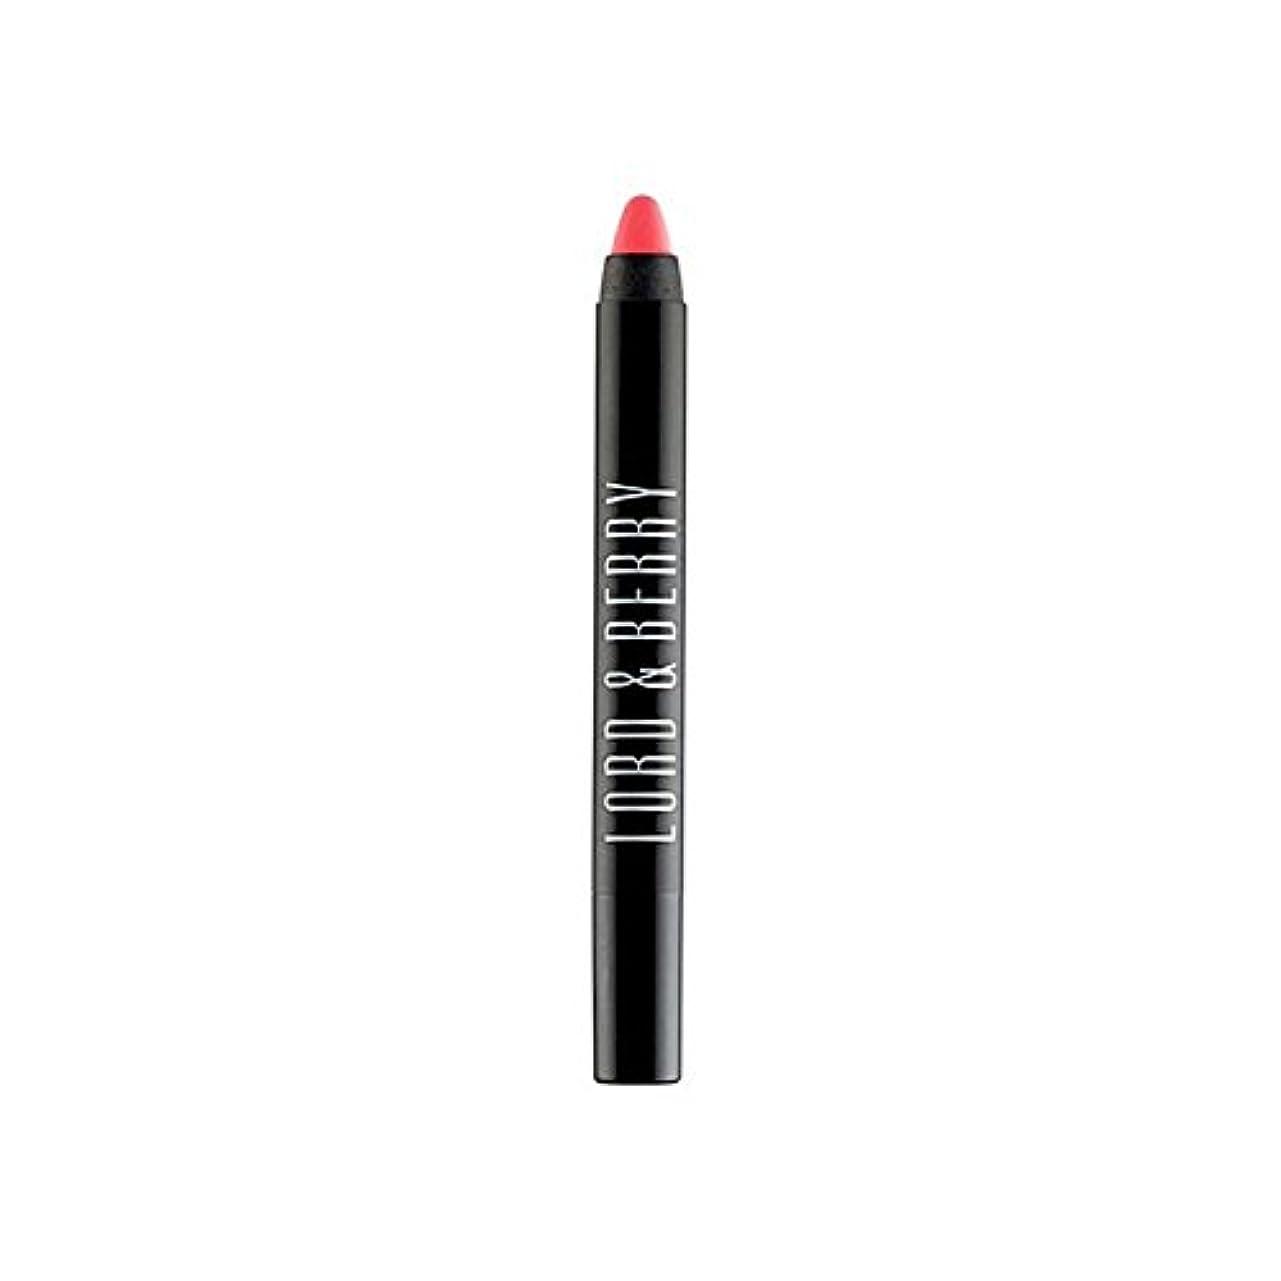 識字職人王子Lord & Berry 20100 Matte Lipstick Crayon (Pack of 6) - 領主&ベリー20100マット口紅クレヨン x6 [並行輸入品]